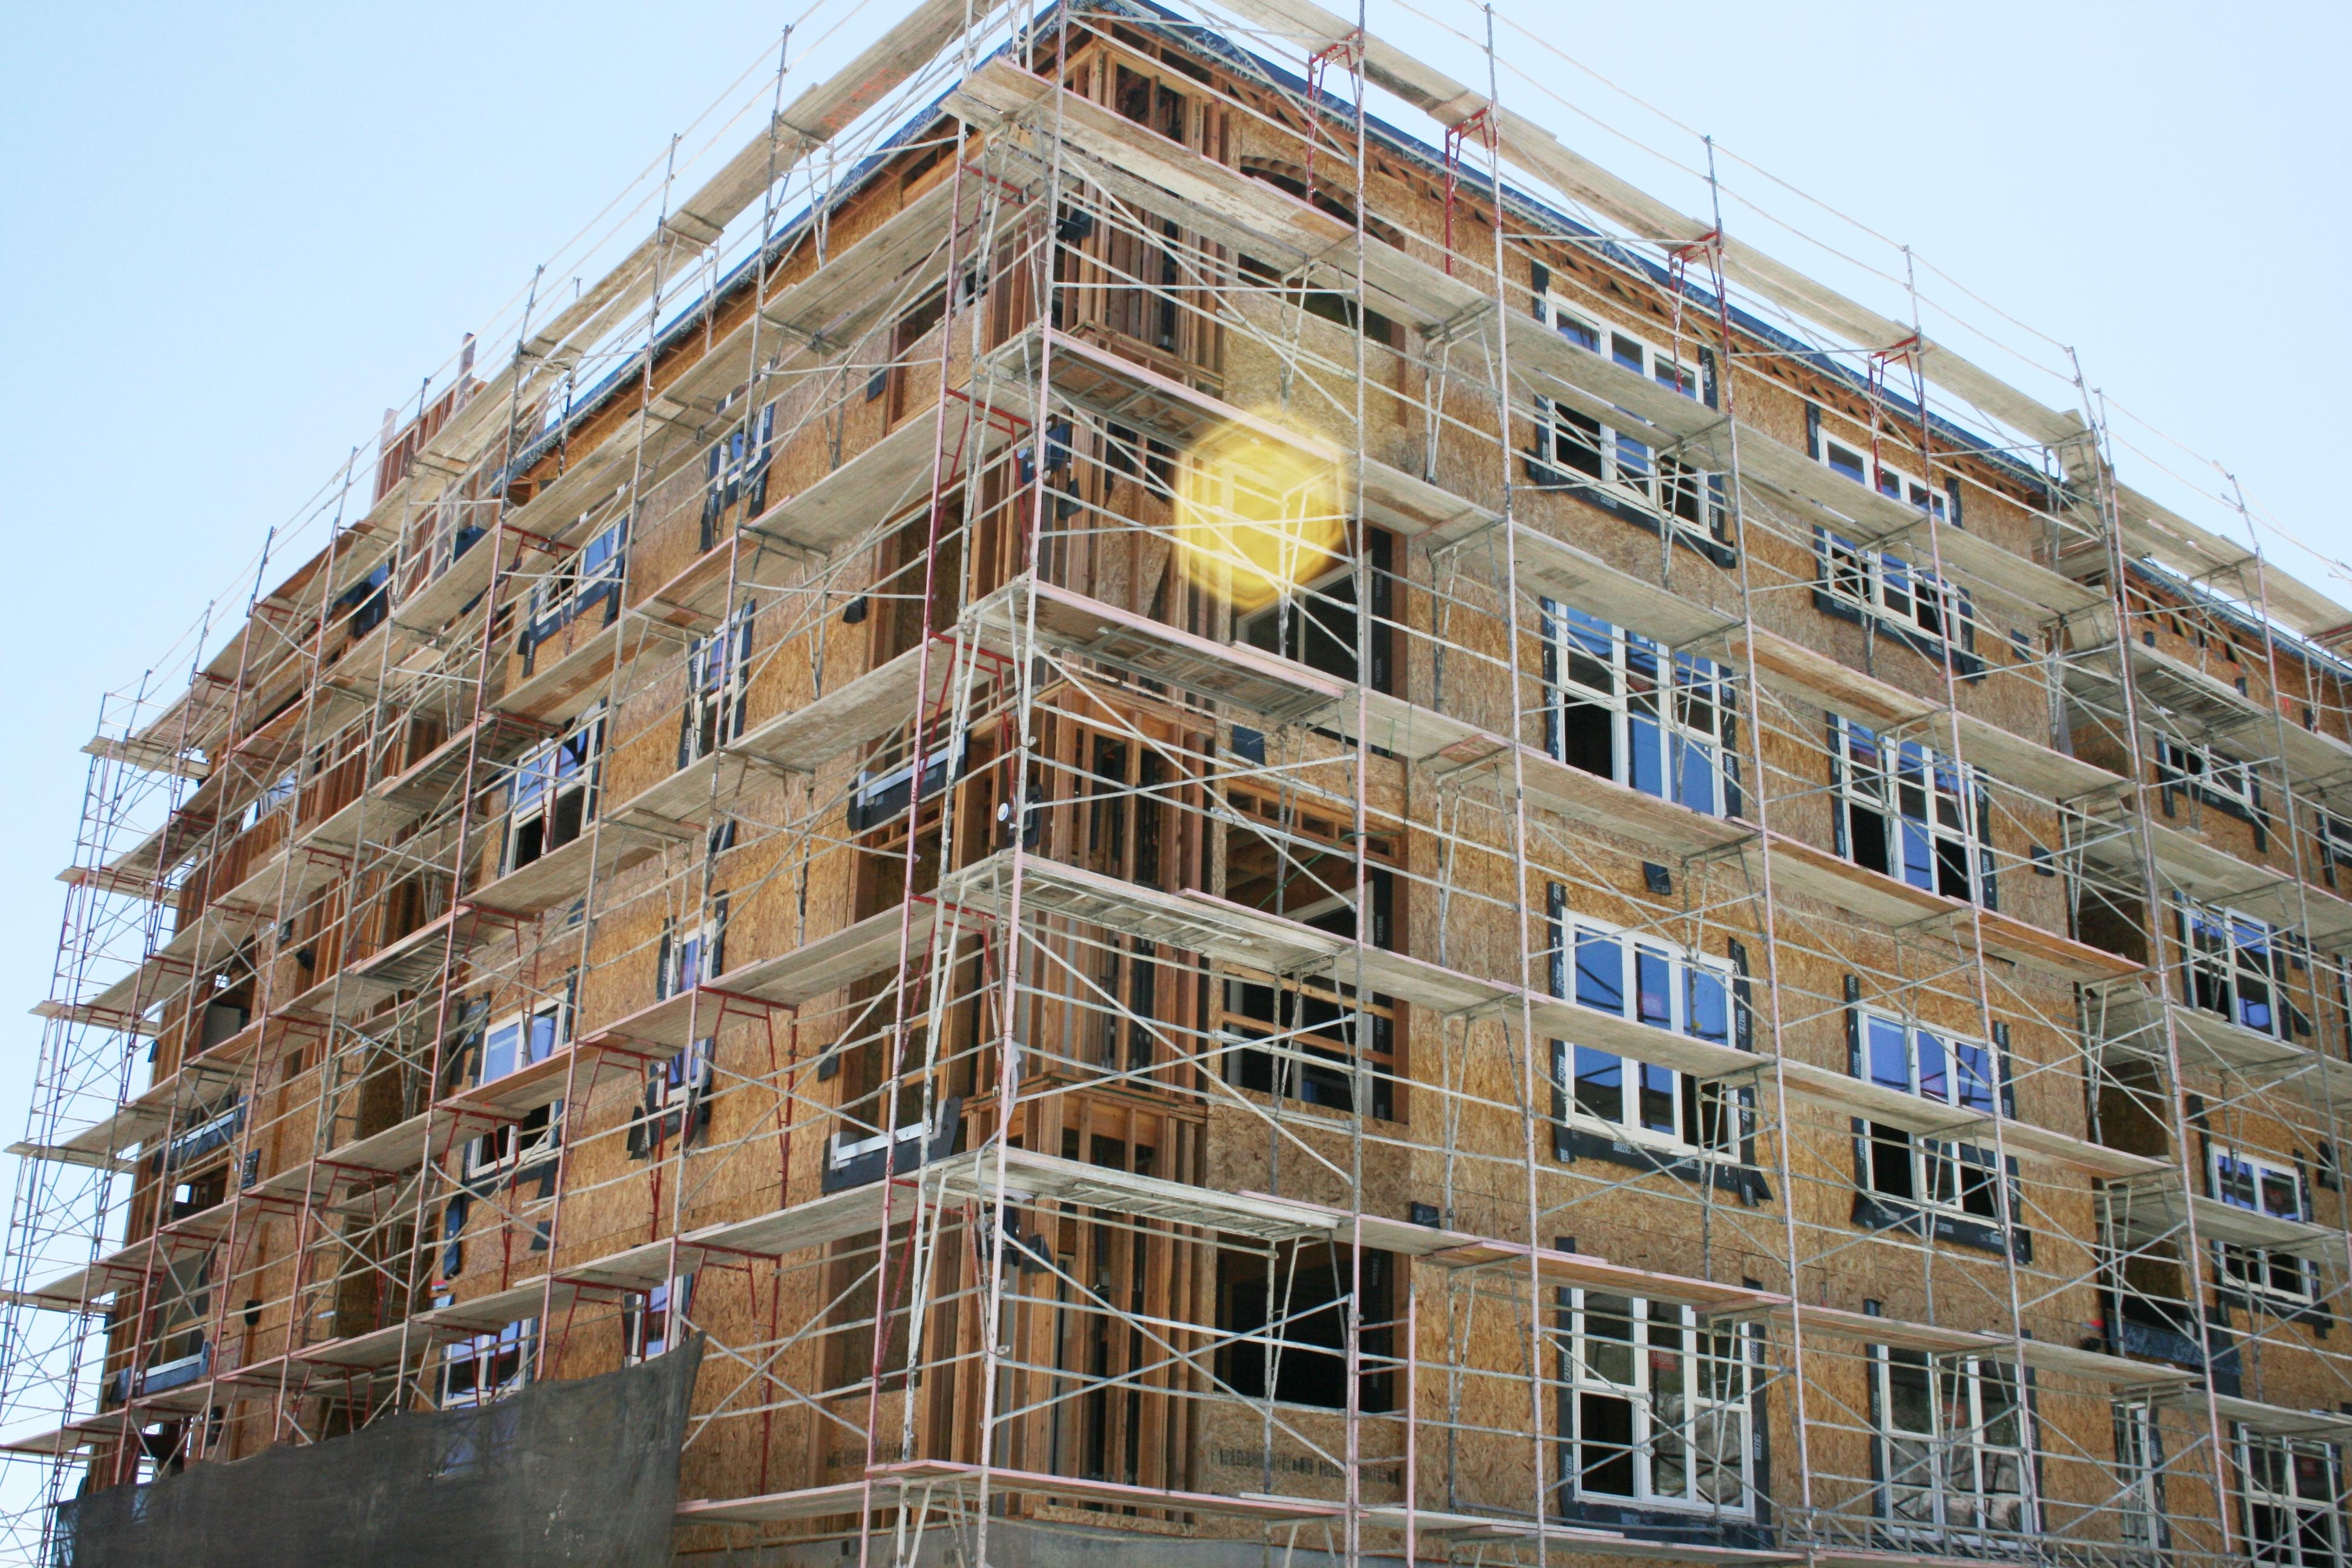 Marbella - Construction 40.jpg